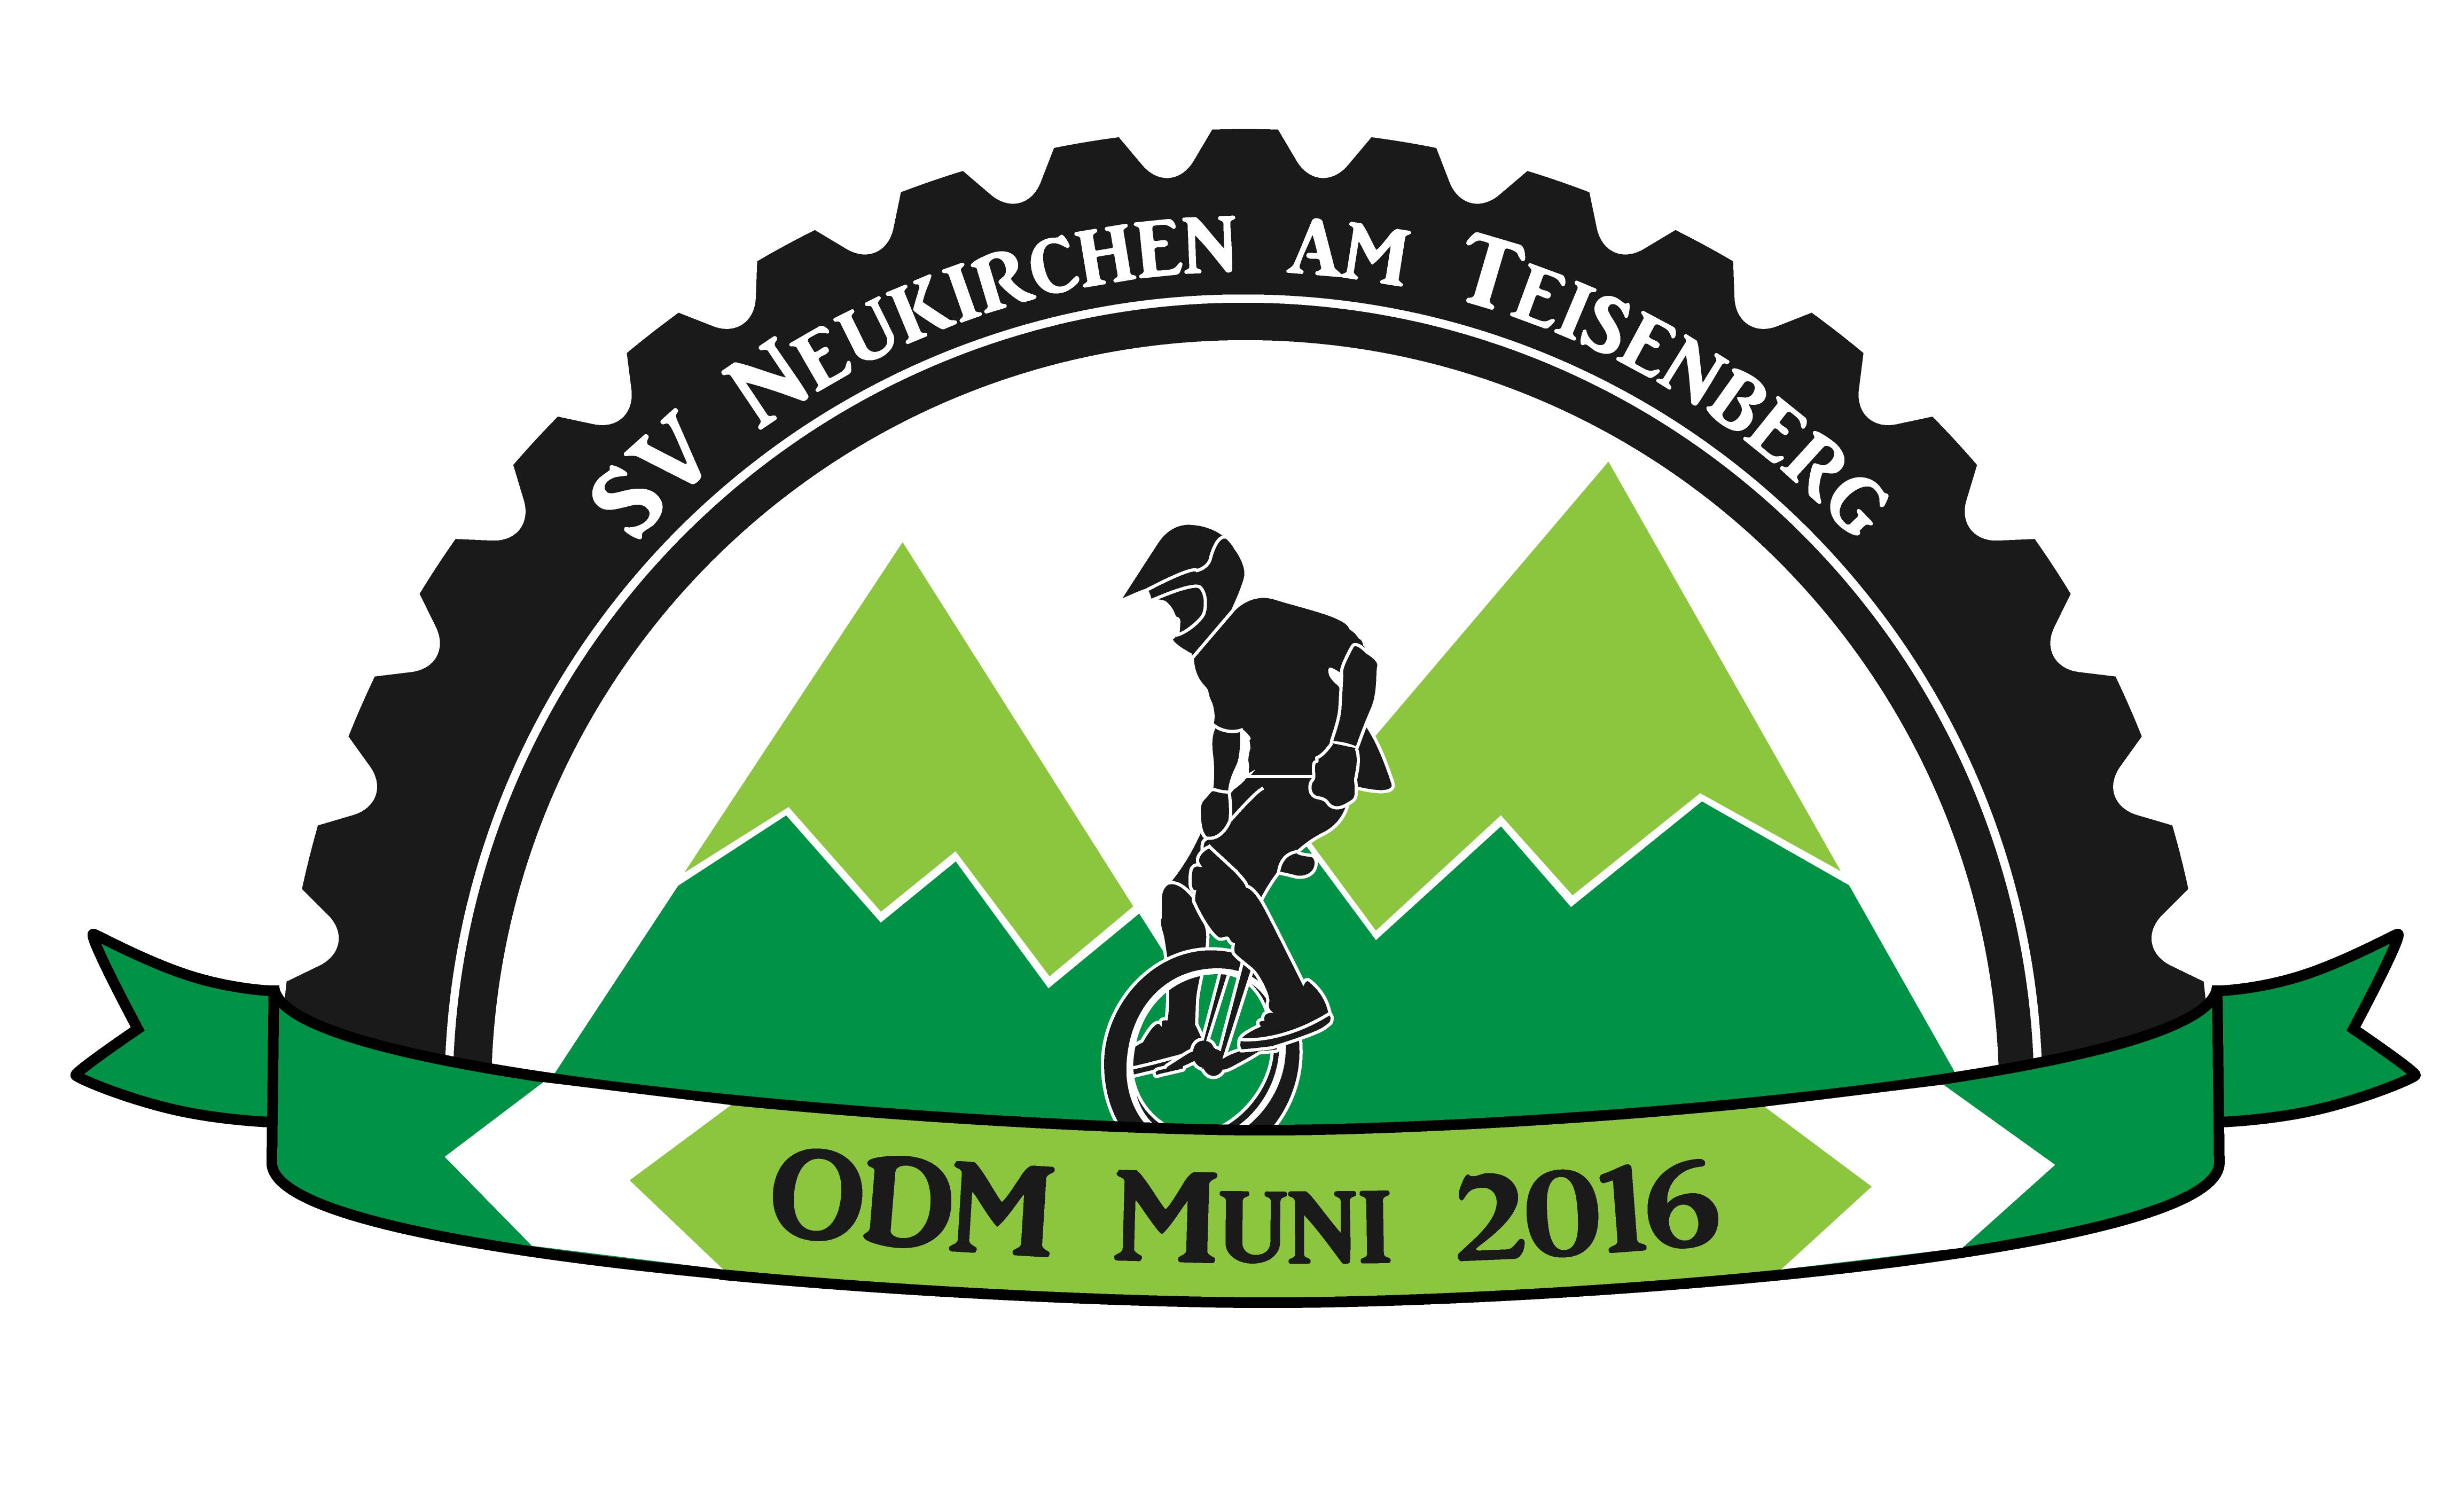 Offene Deutsche Meisterschaft Einrad Mountain Unicycling  2016 Neukirchen am Teisenberg